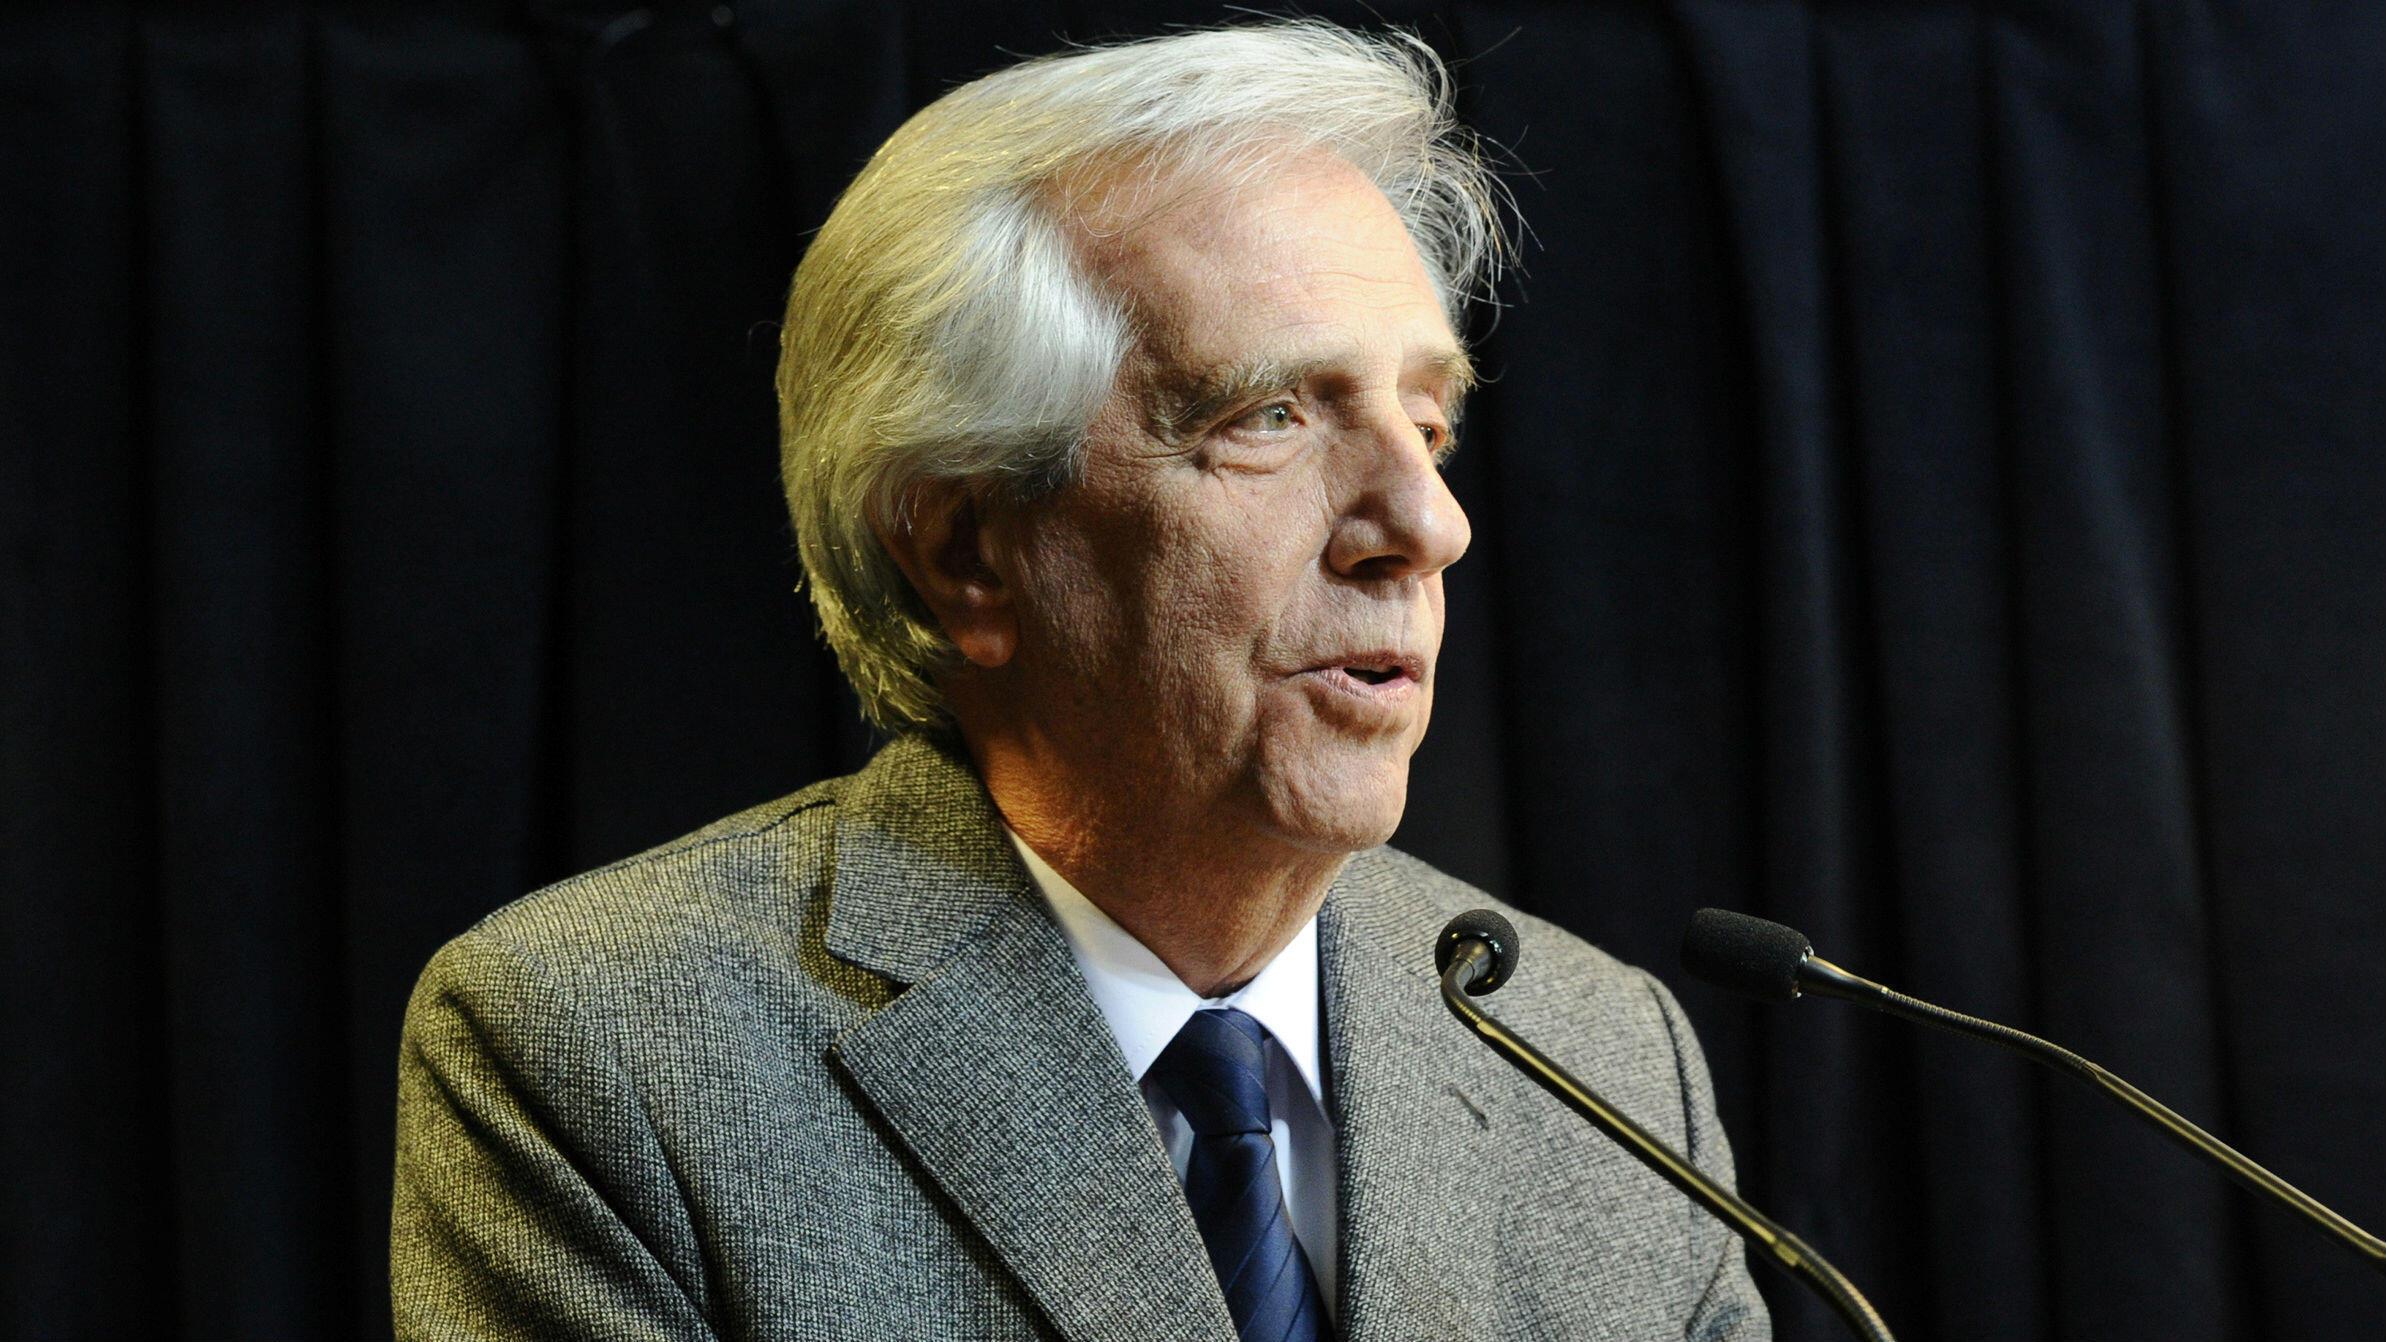 El presidente Tabaré Vázquez habla sobre su estado de salud en Montevideo, Uruguay, el 20 de agosto de 2019.